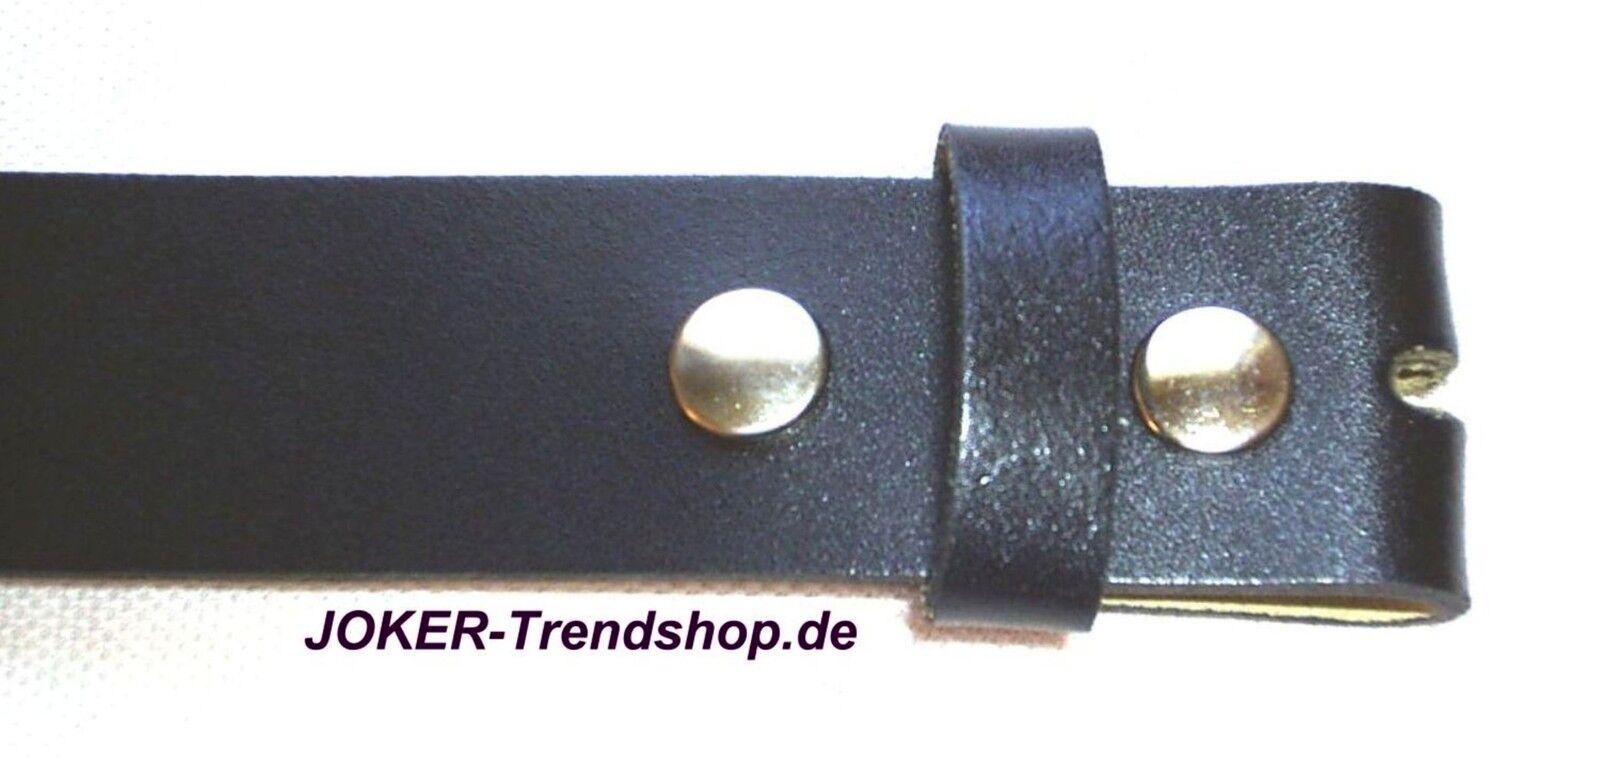 Ledergürtel schwarz Wechselgürtel 80 - 130 cm Gürtel Übergröße Lether Belt